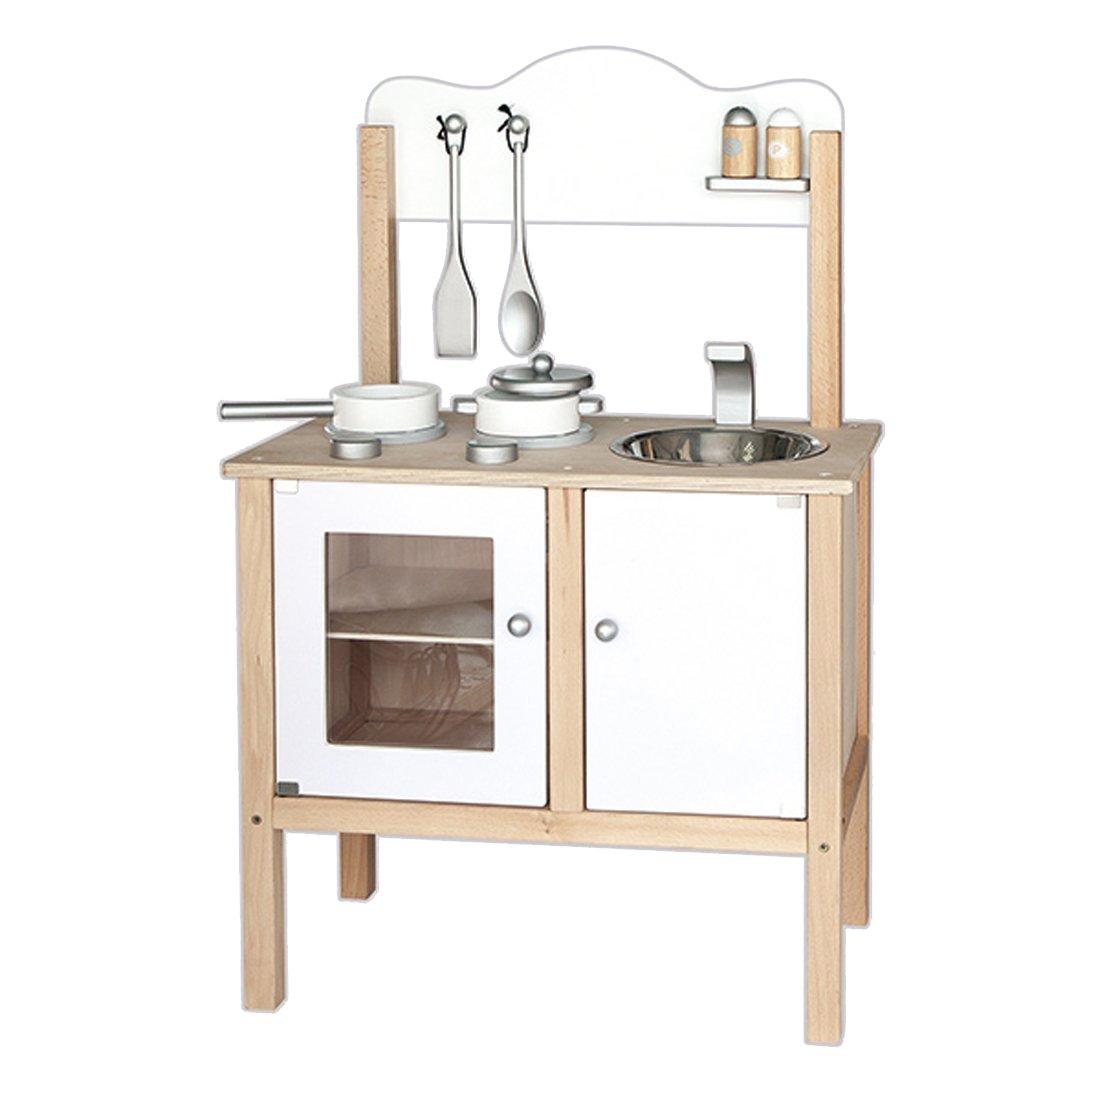 Skarb za szkiełkiem Kuchnia serce domu -> Kuchnia Dla Dzieci Ikea Opinie